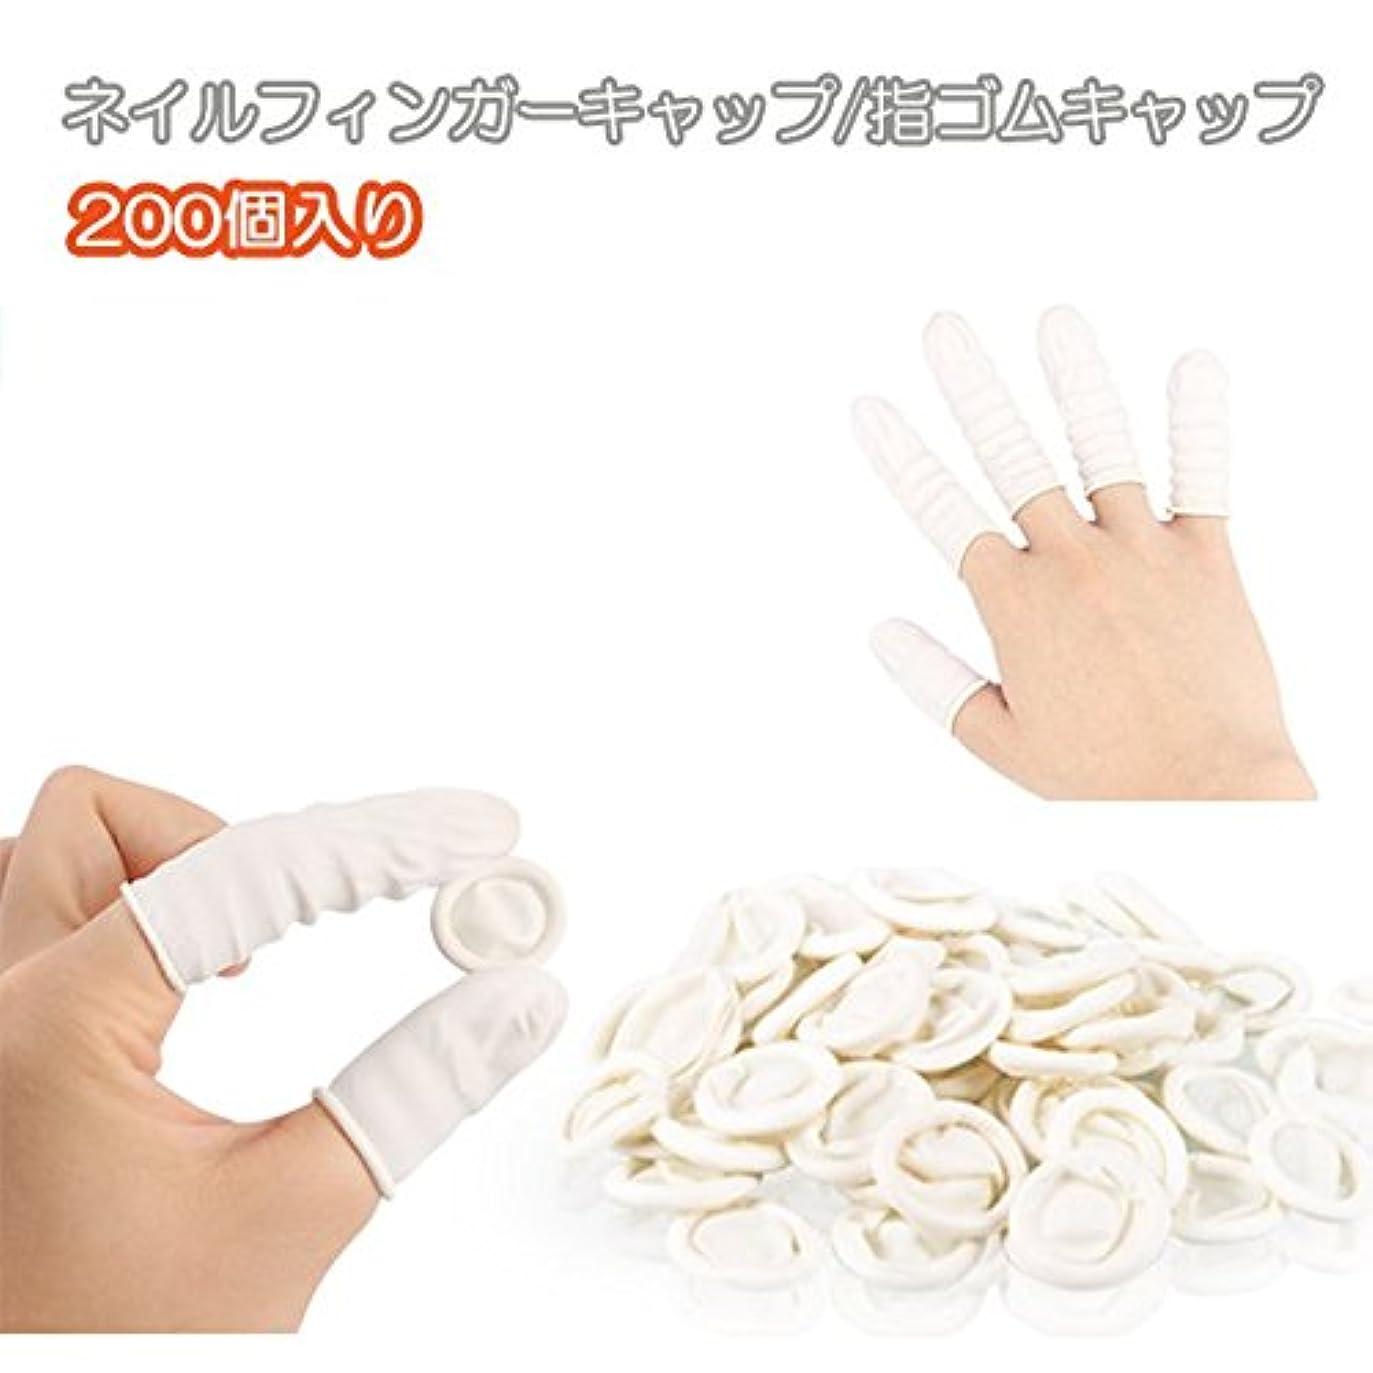 透過性プット中級ネイルフィンガーキャップ☆ジェルネイルオフ用【200個入り】 (M200)